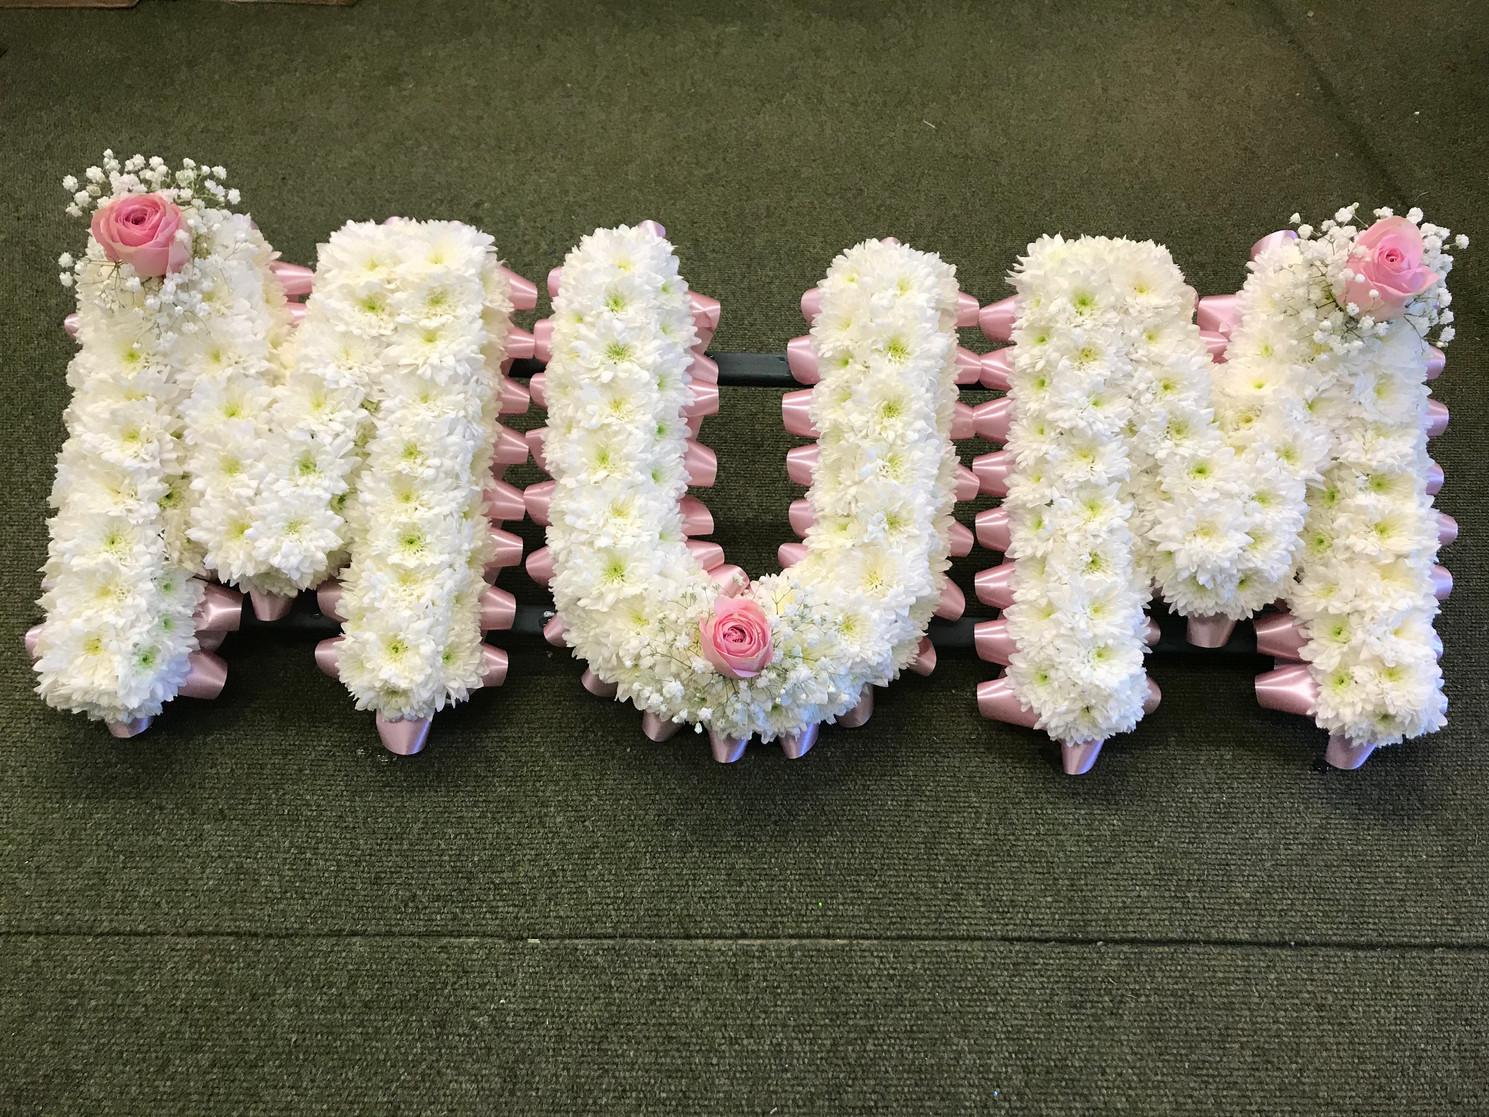 Mum in letters